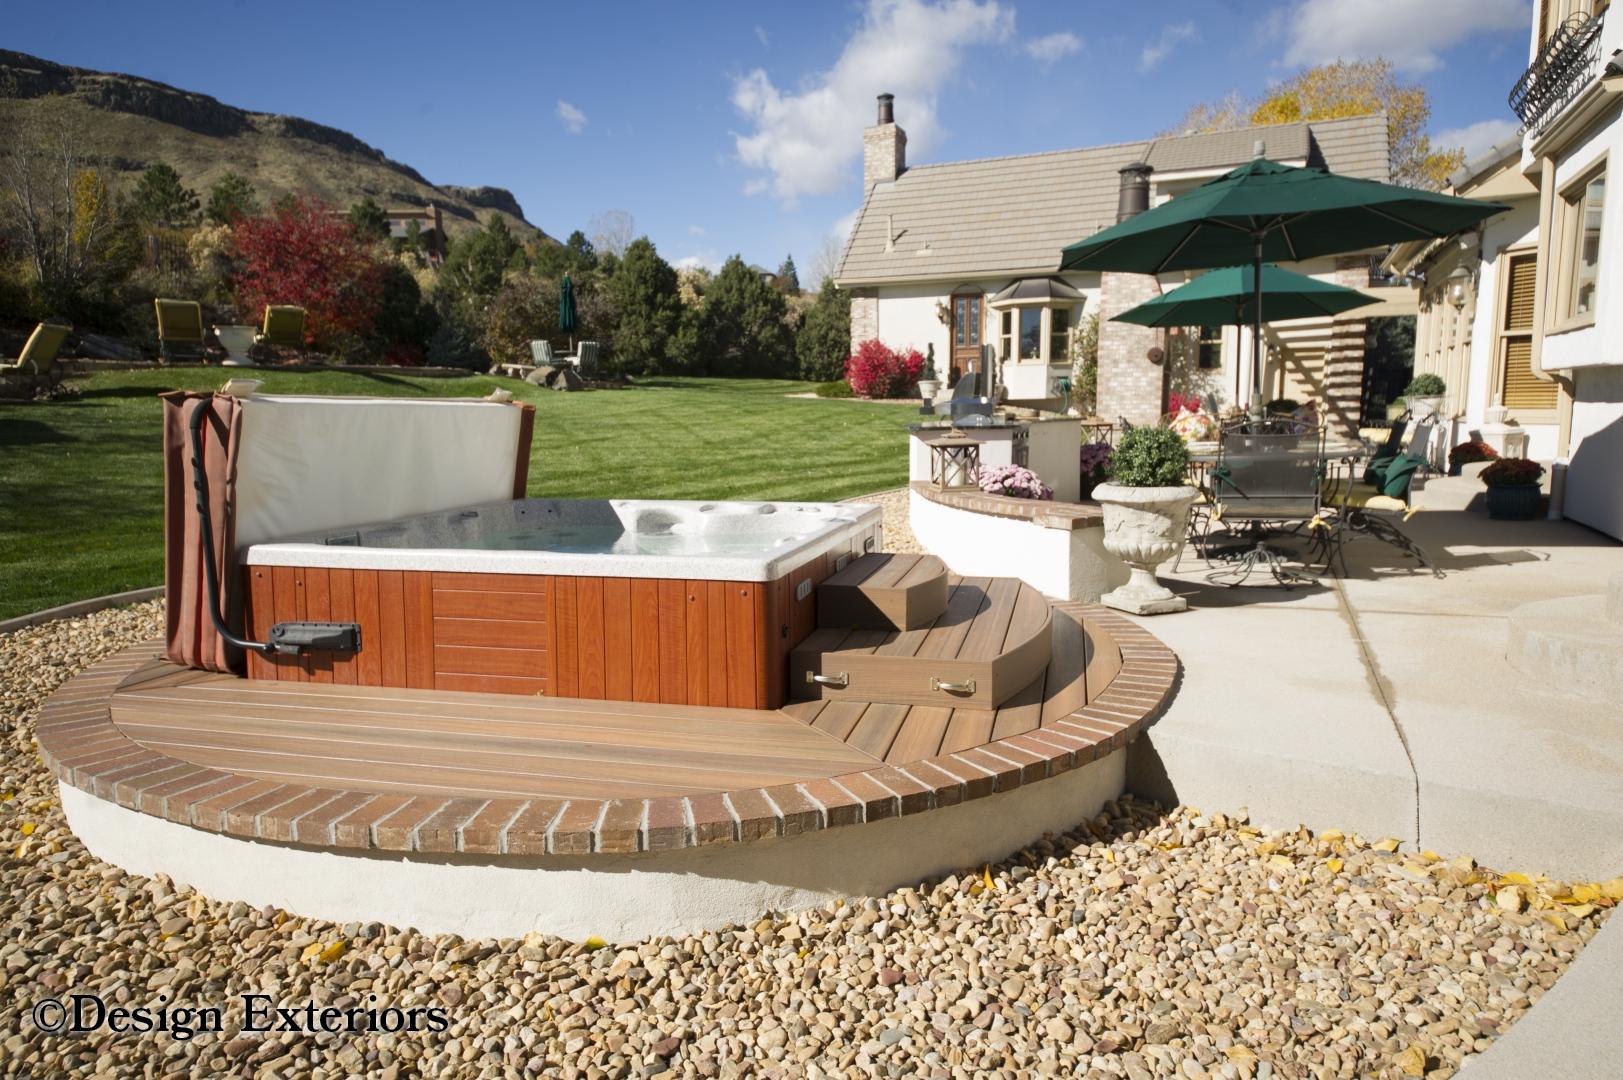 The Kraft Residence - Design Exteriors